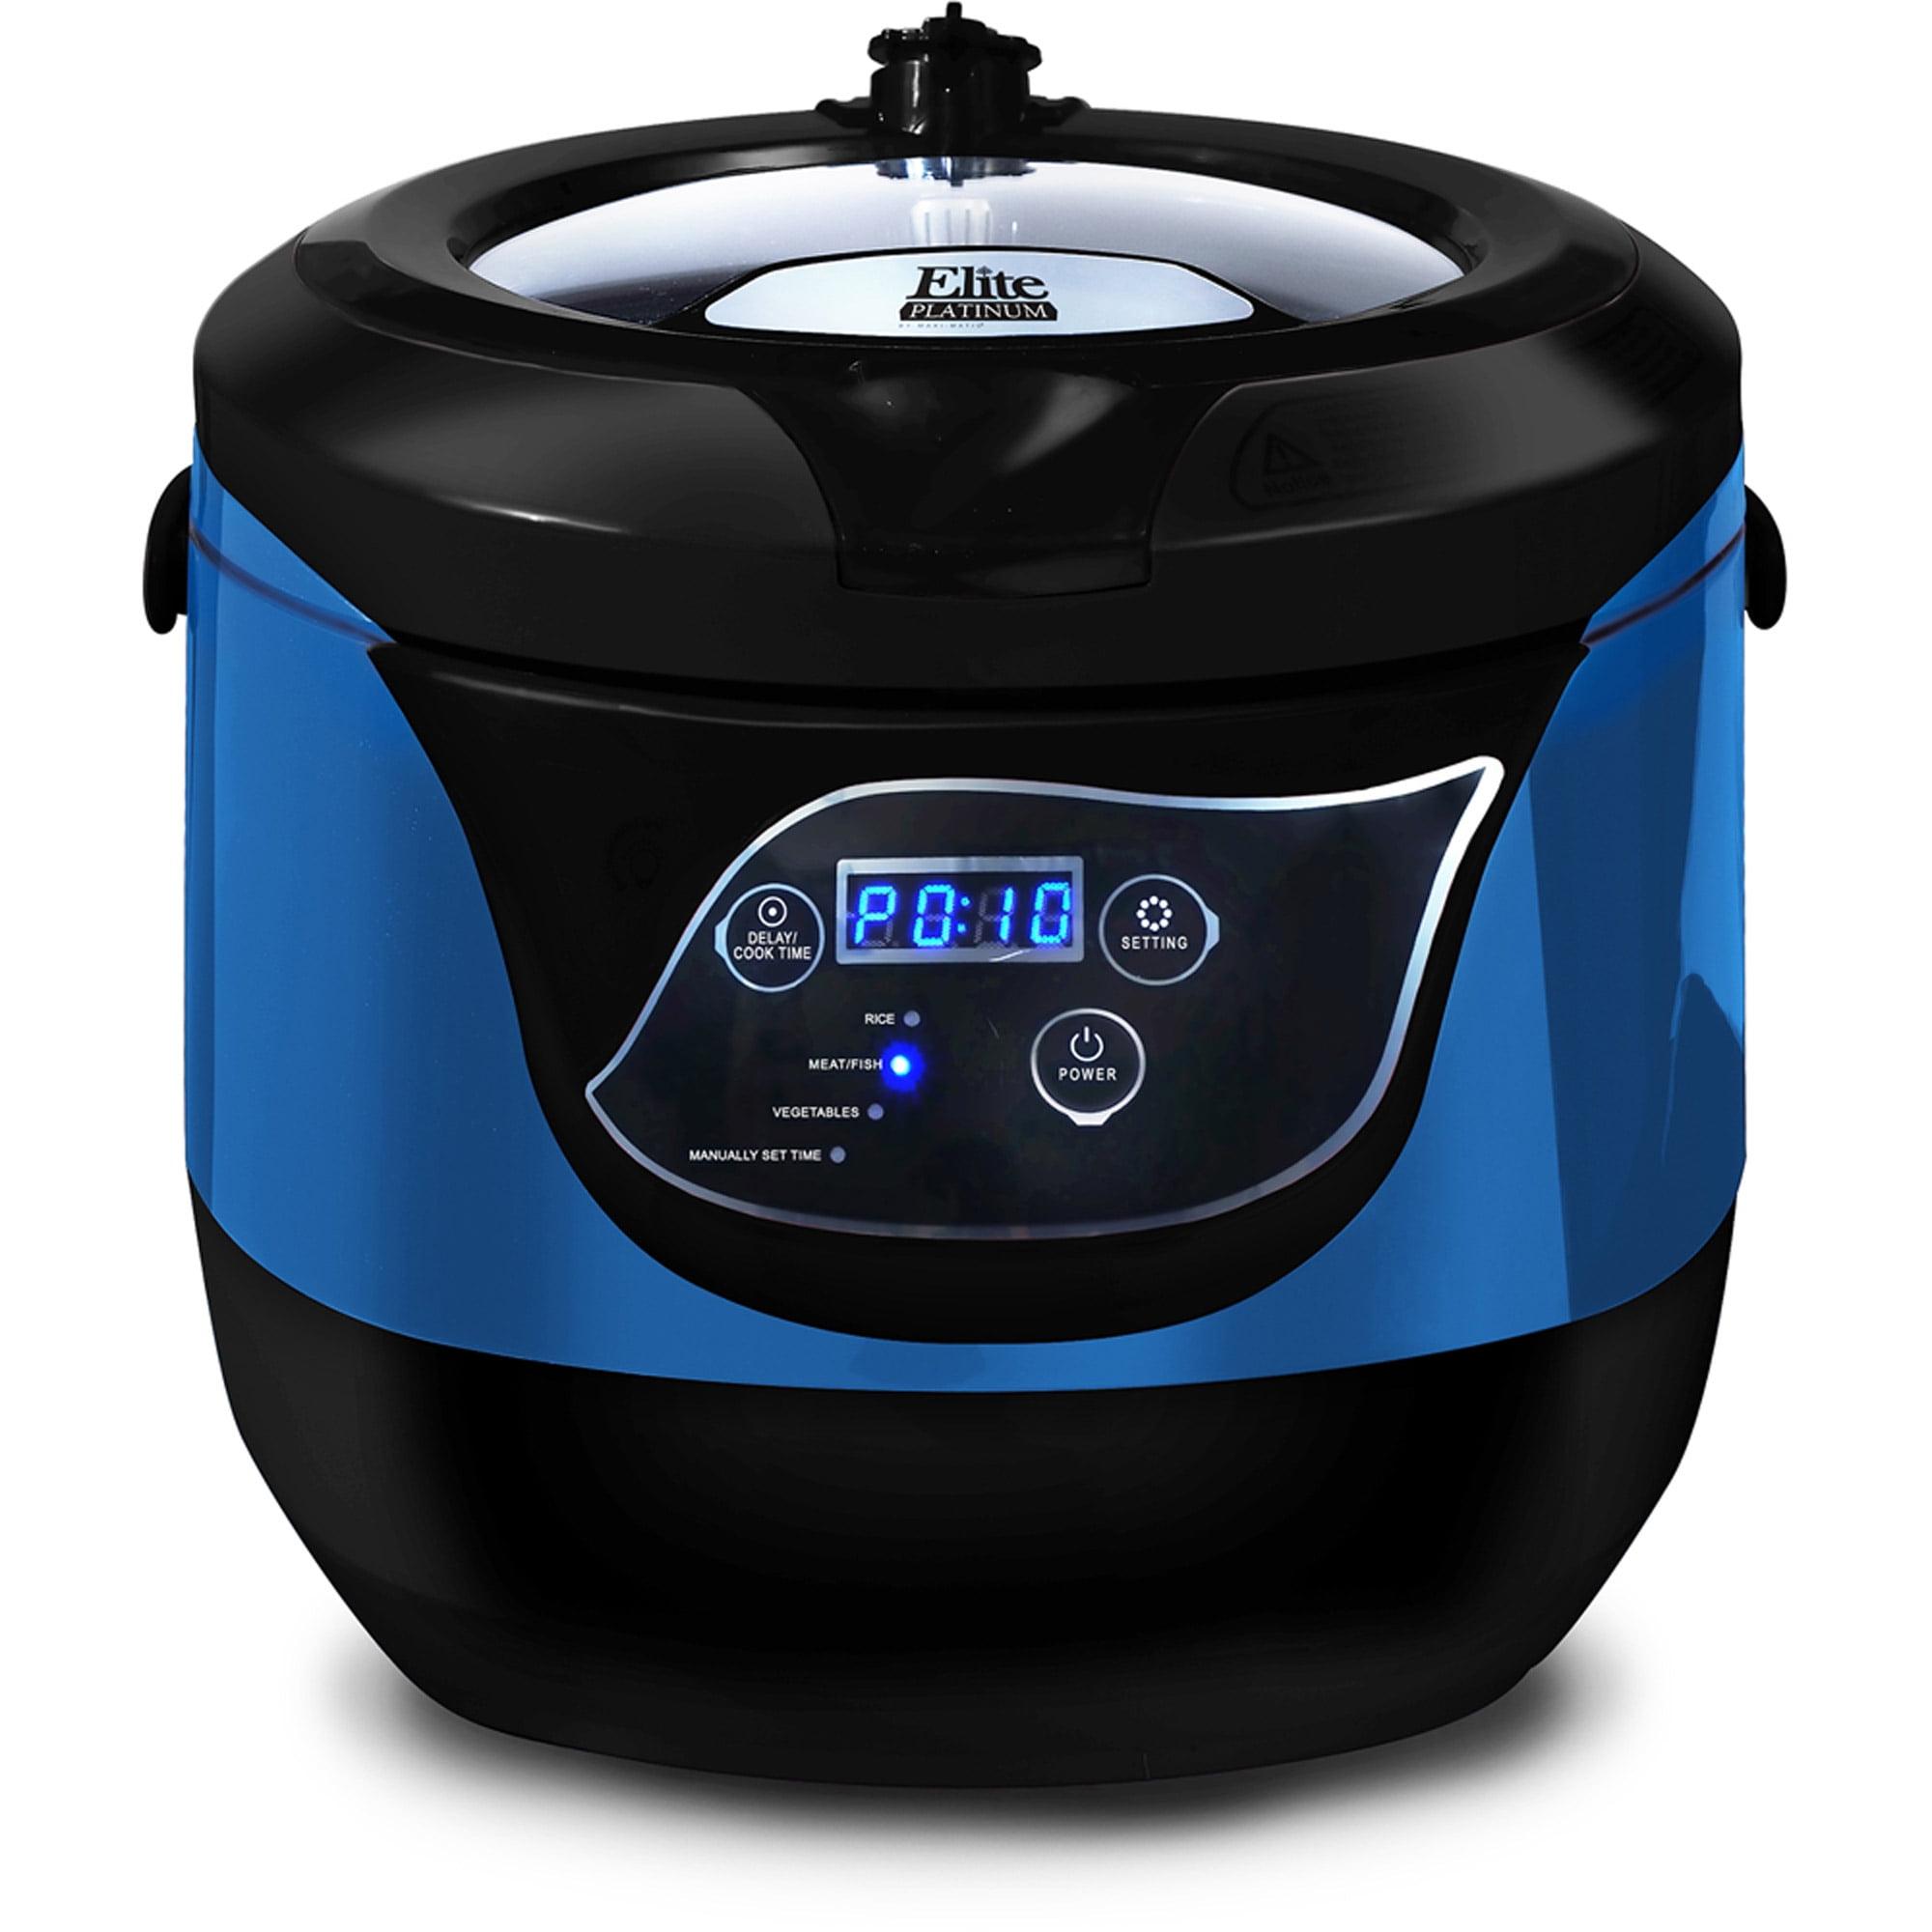 Tayama 8 in 1 Multi-Function Pressure Cooker 6 Quart